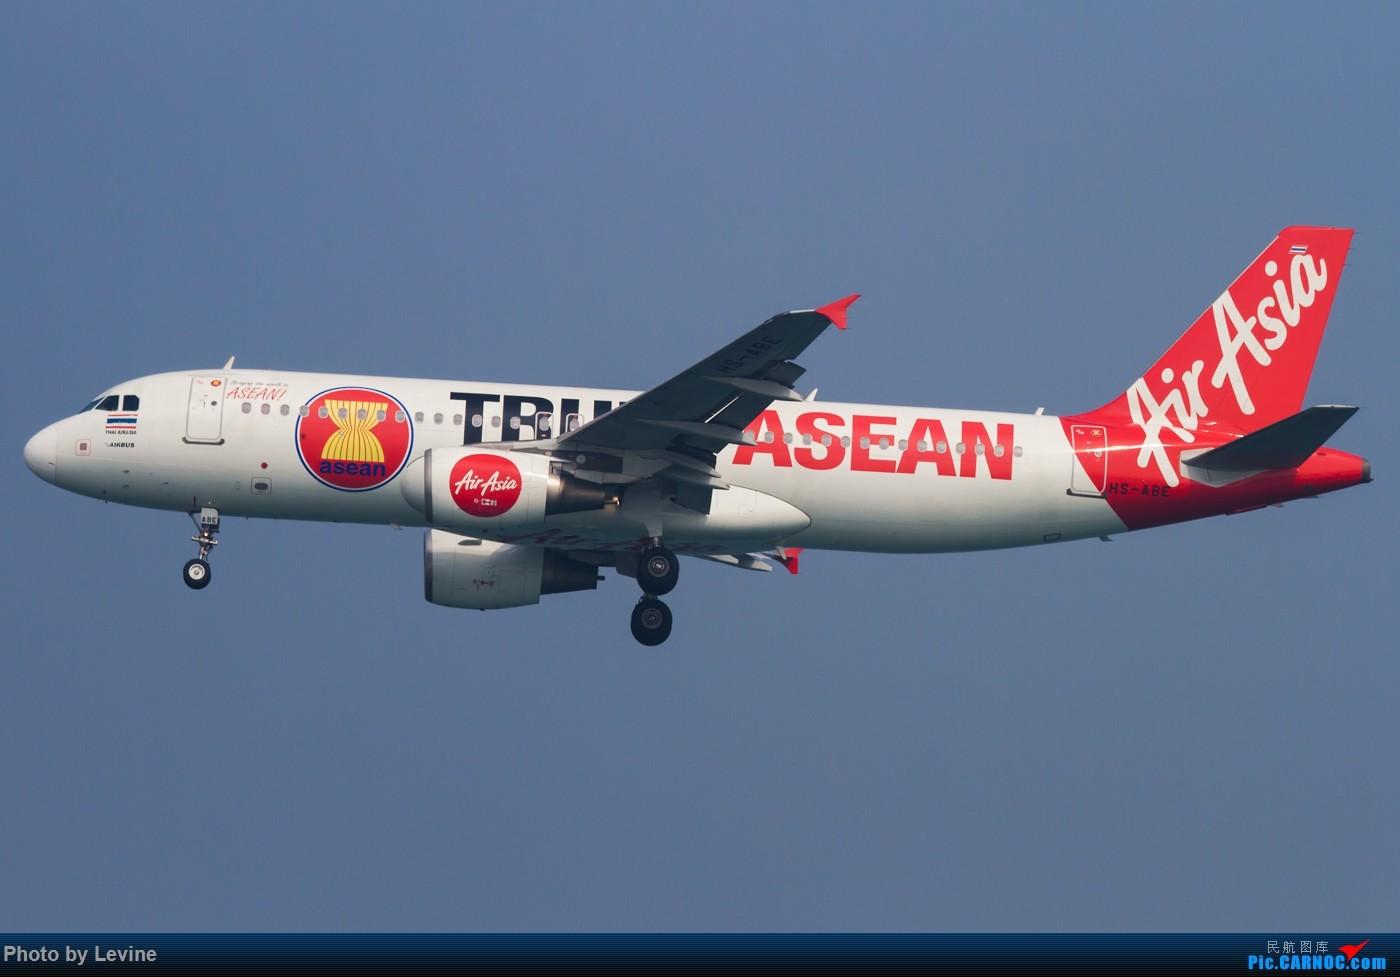 Re:[原创]◇ ■ ◇ ■ ◇ ■难得去一次香港却遇到大烂天◇ ■ ◇ ■ ◇ ■ AIRBUS A320-200 HS-ABE 中国香港赤鱲角国际机场